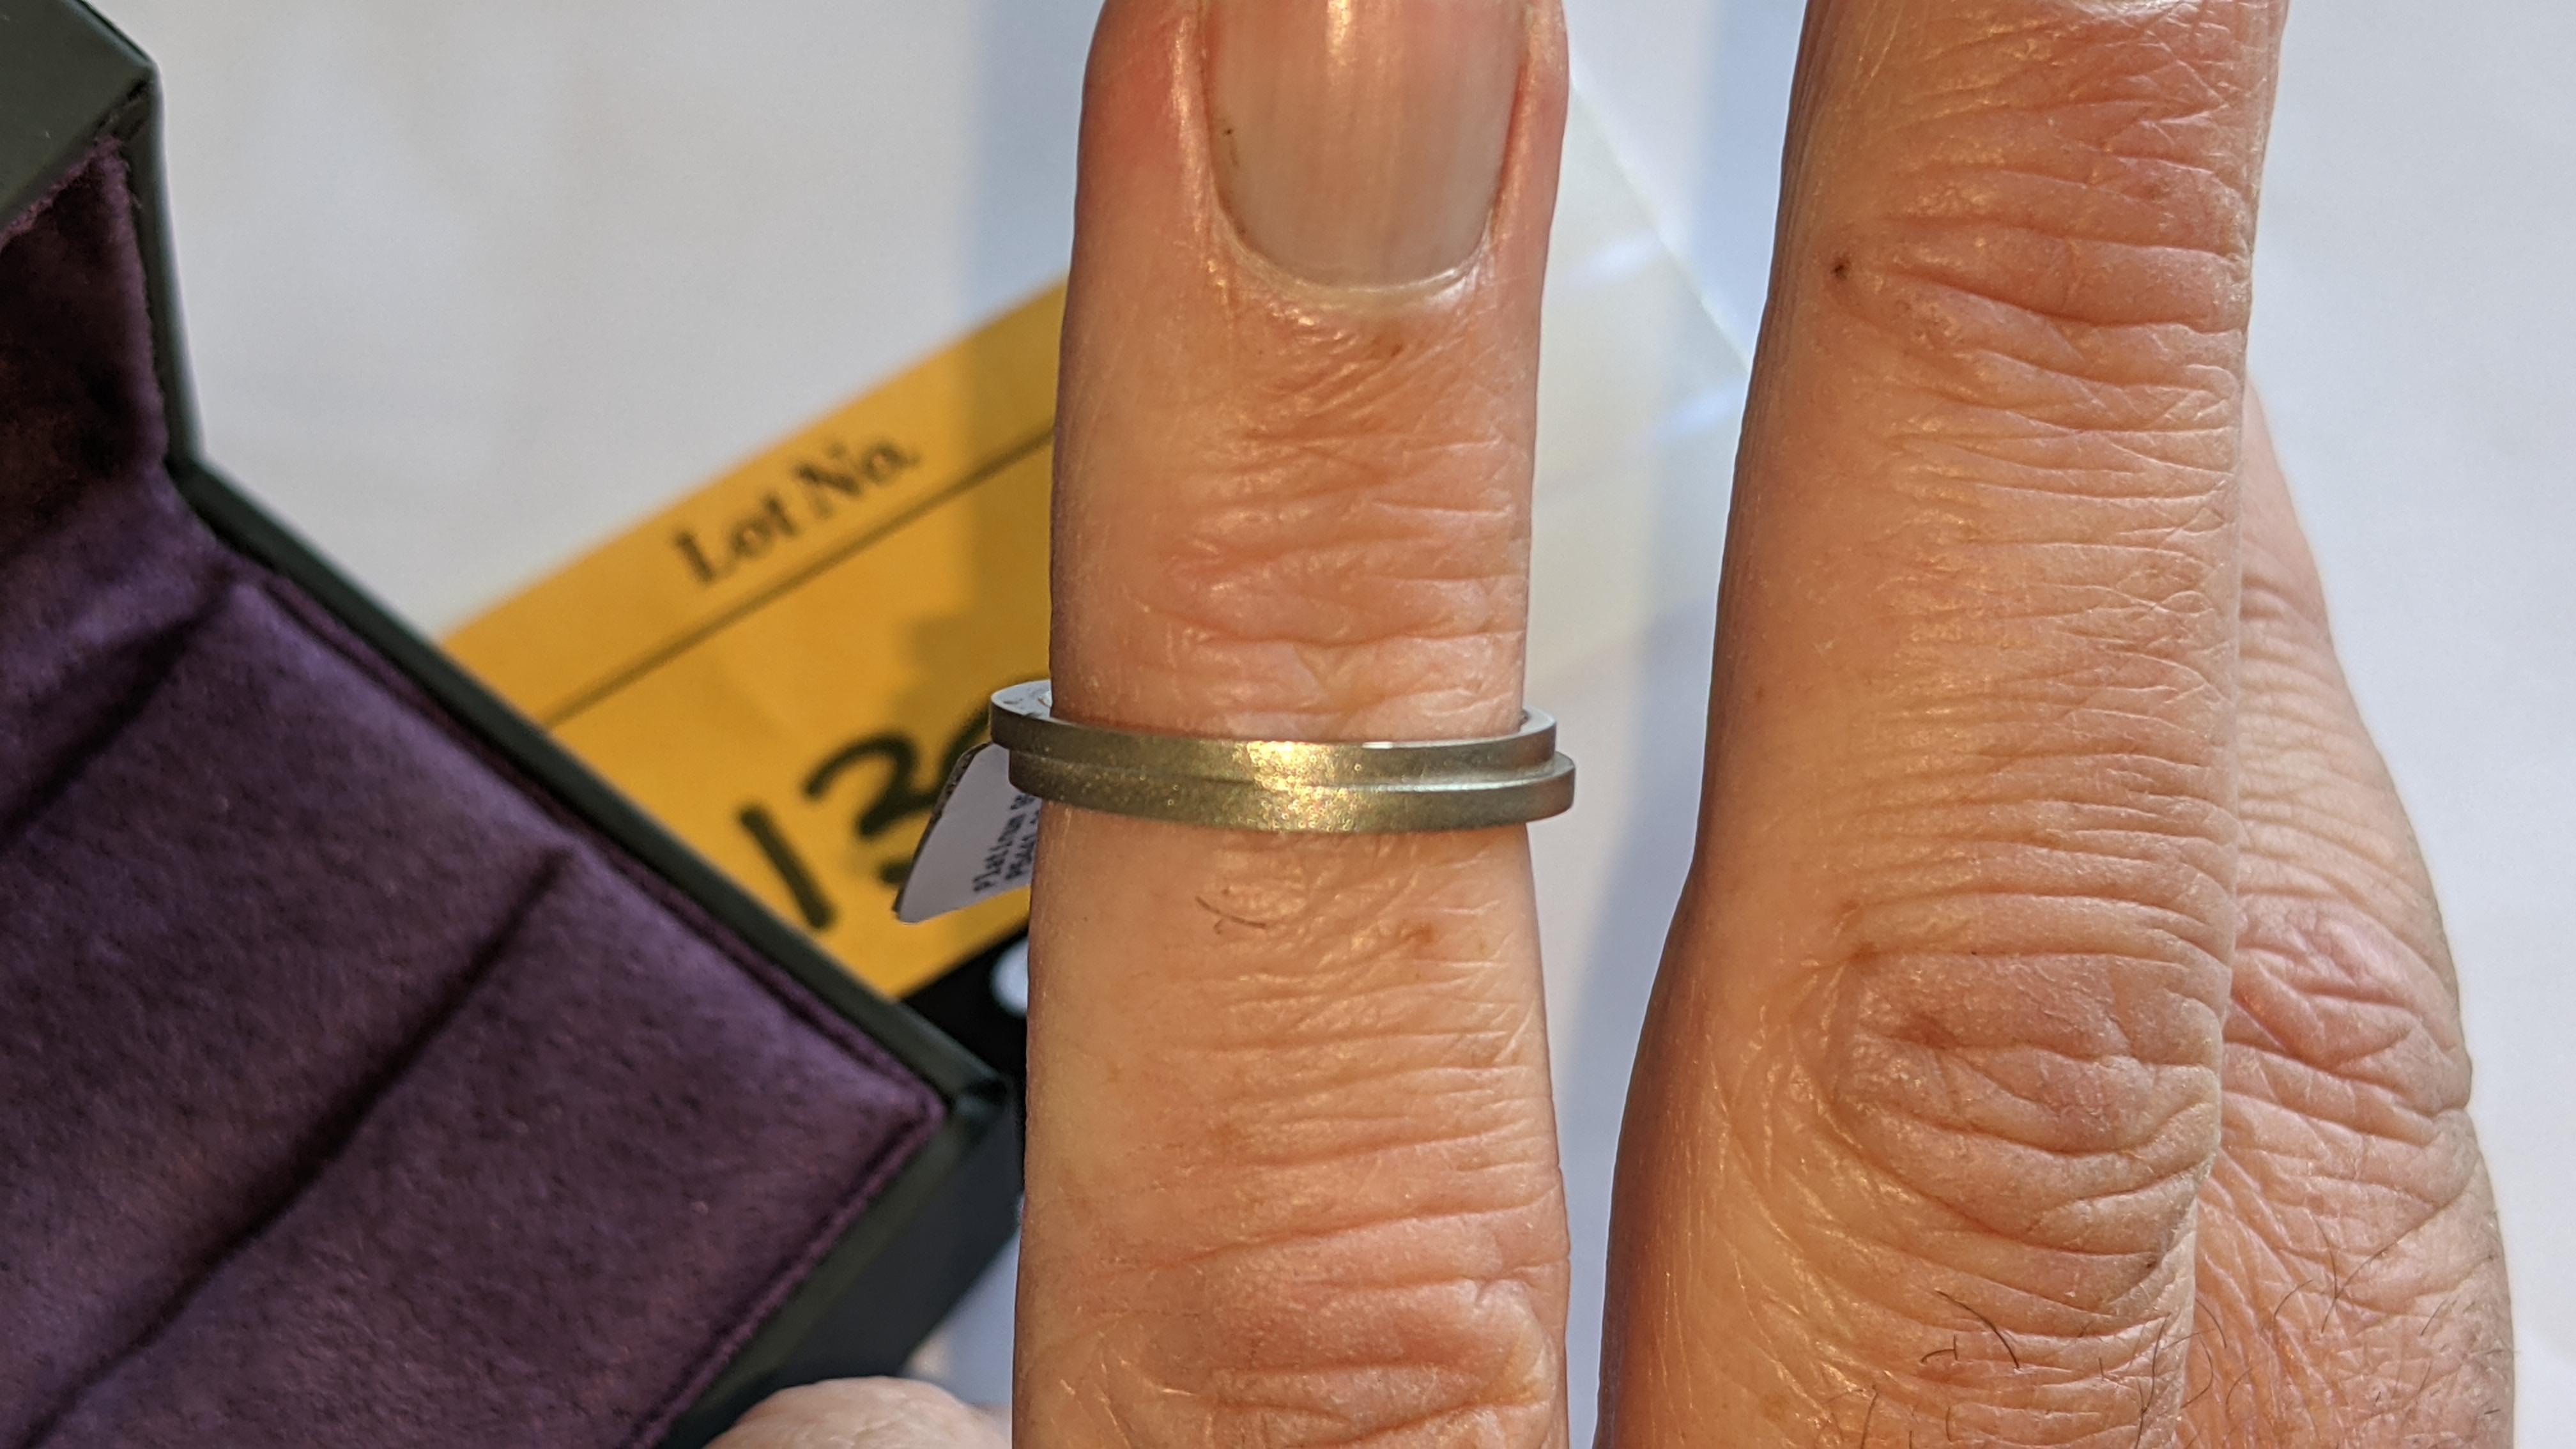 Platinum 950 wedding ring. RRP £1,120 - Image 13 of 13